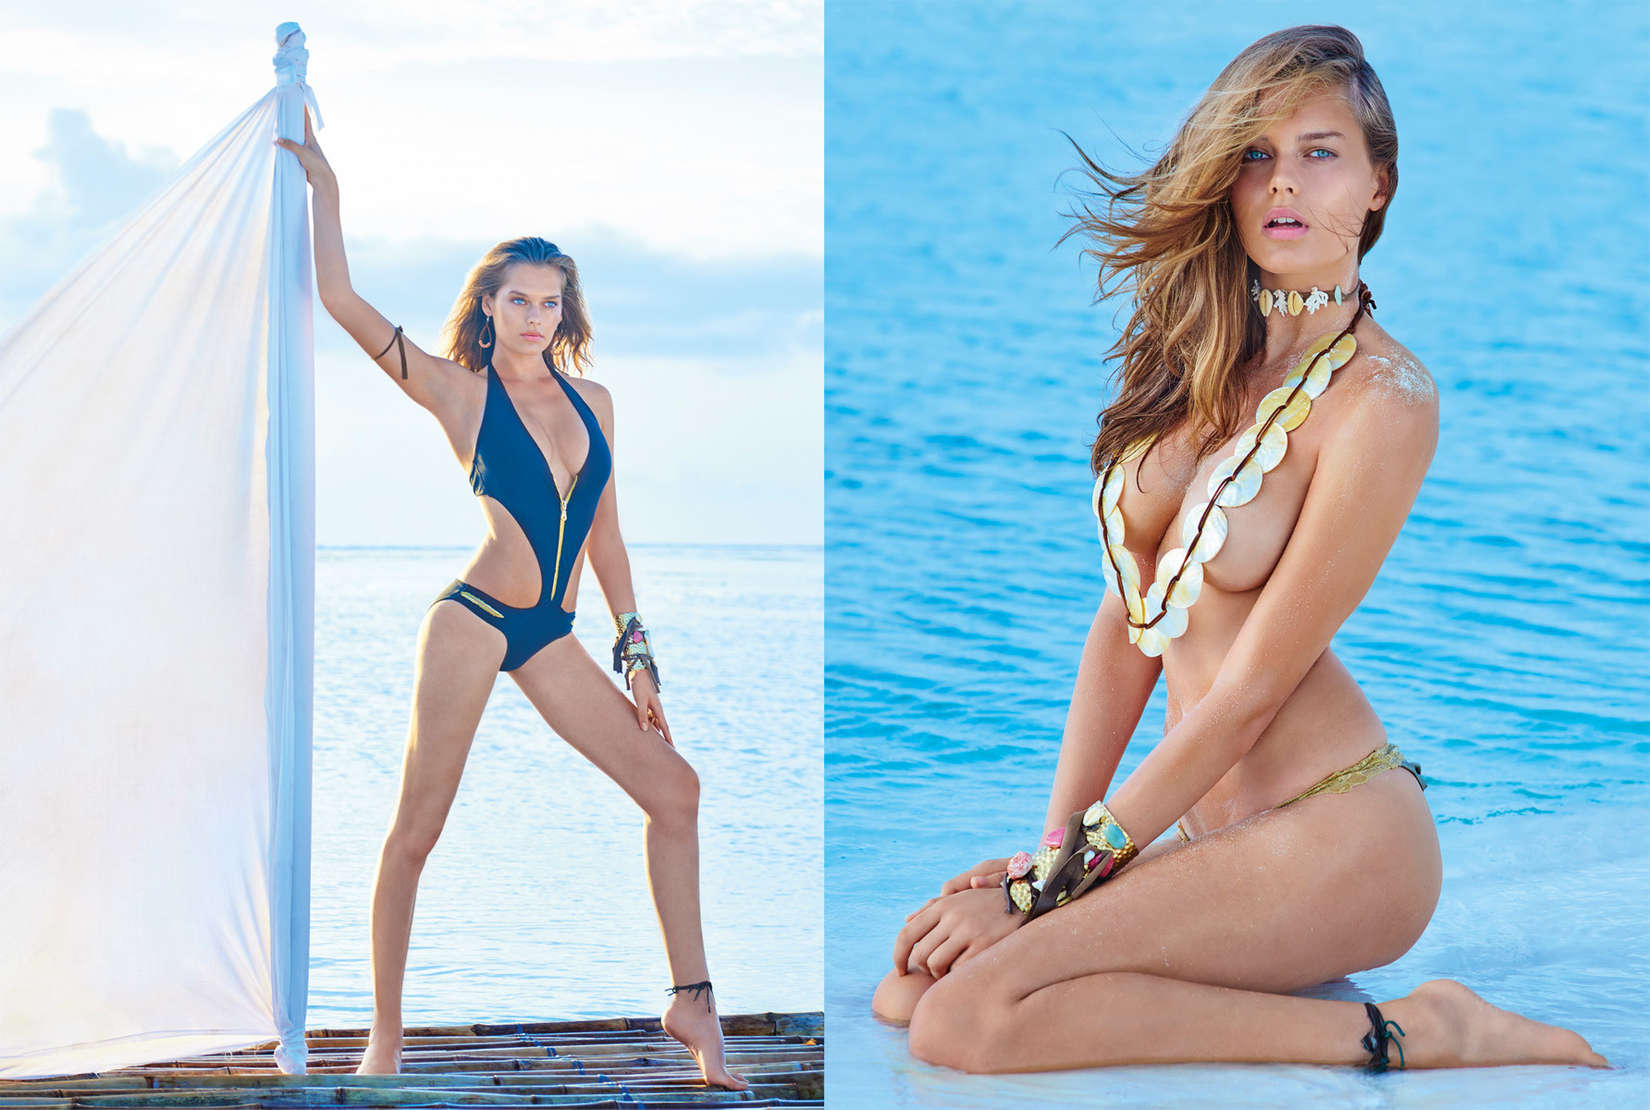 images Isla fisher bikini